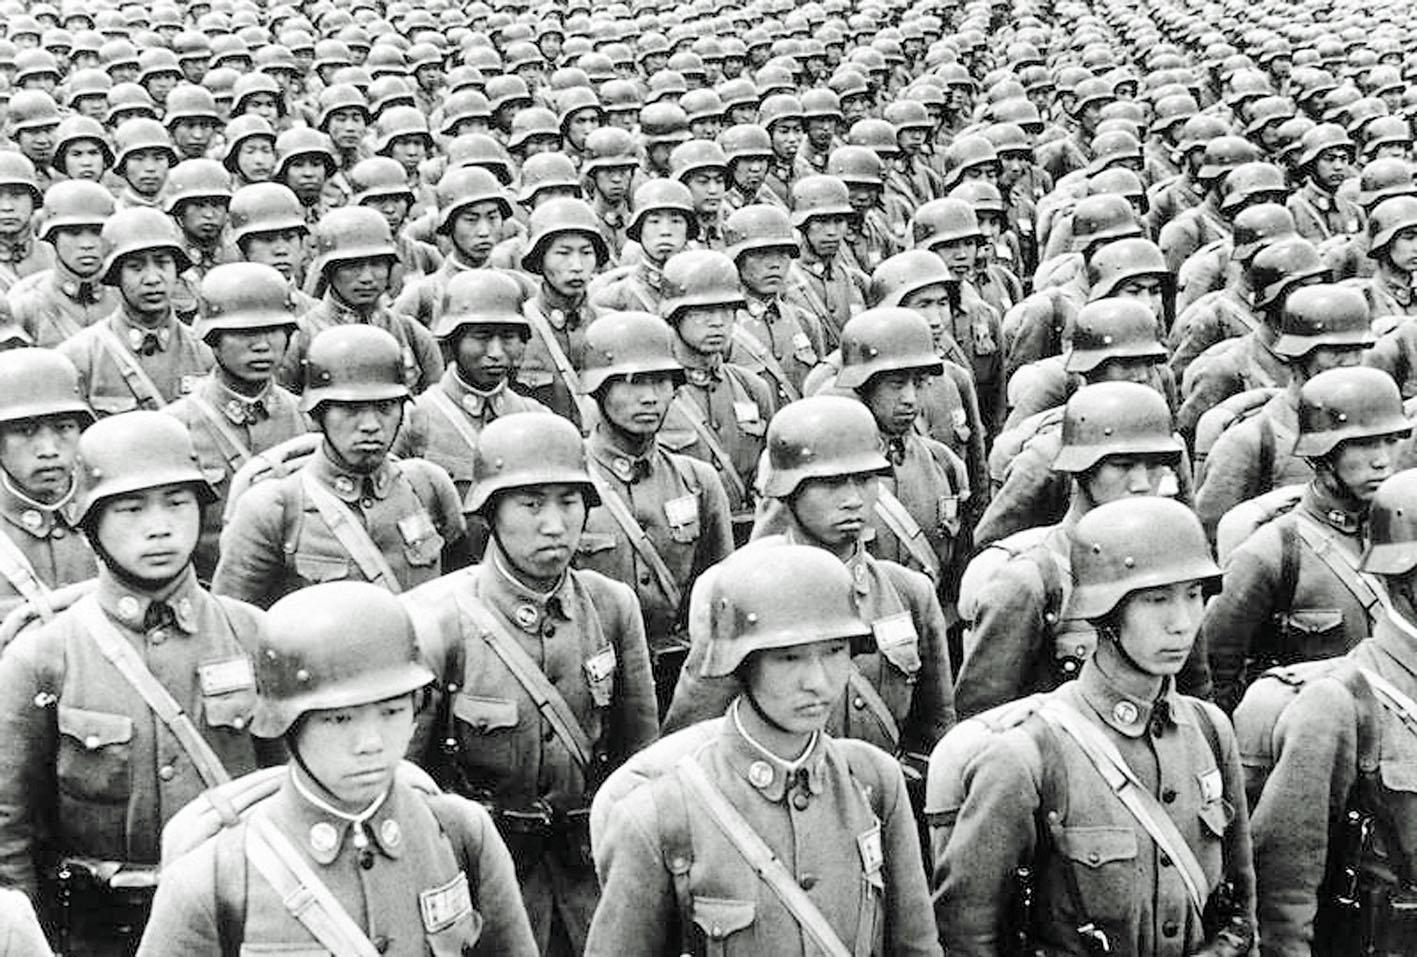 蔣介石在淞滬會戰時投入裝備良好的中央軍德械師,後來幾乎全軍覆沒。網絡圖片